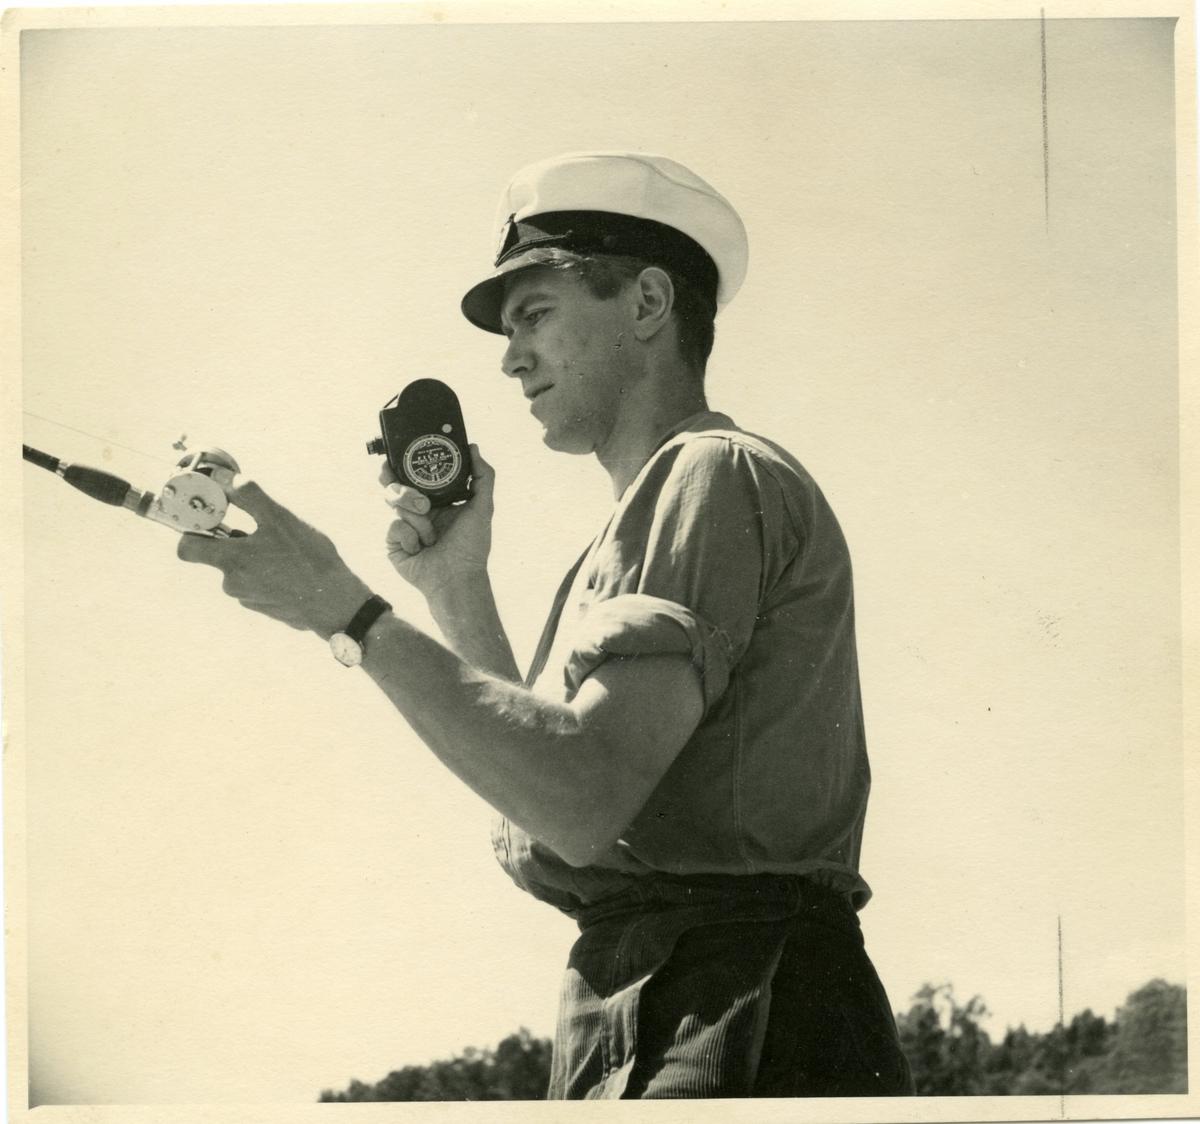 Tandläkaren Ragnar Kihlstedt filmar när han fiskar. Bild för Smalfilmaren 1940. Fotografiet kommer från Institutionen för fotografi vid Kungliga Tekniska Högskolan för Helmer Bäckström var professor.